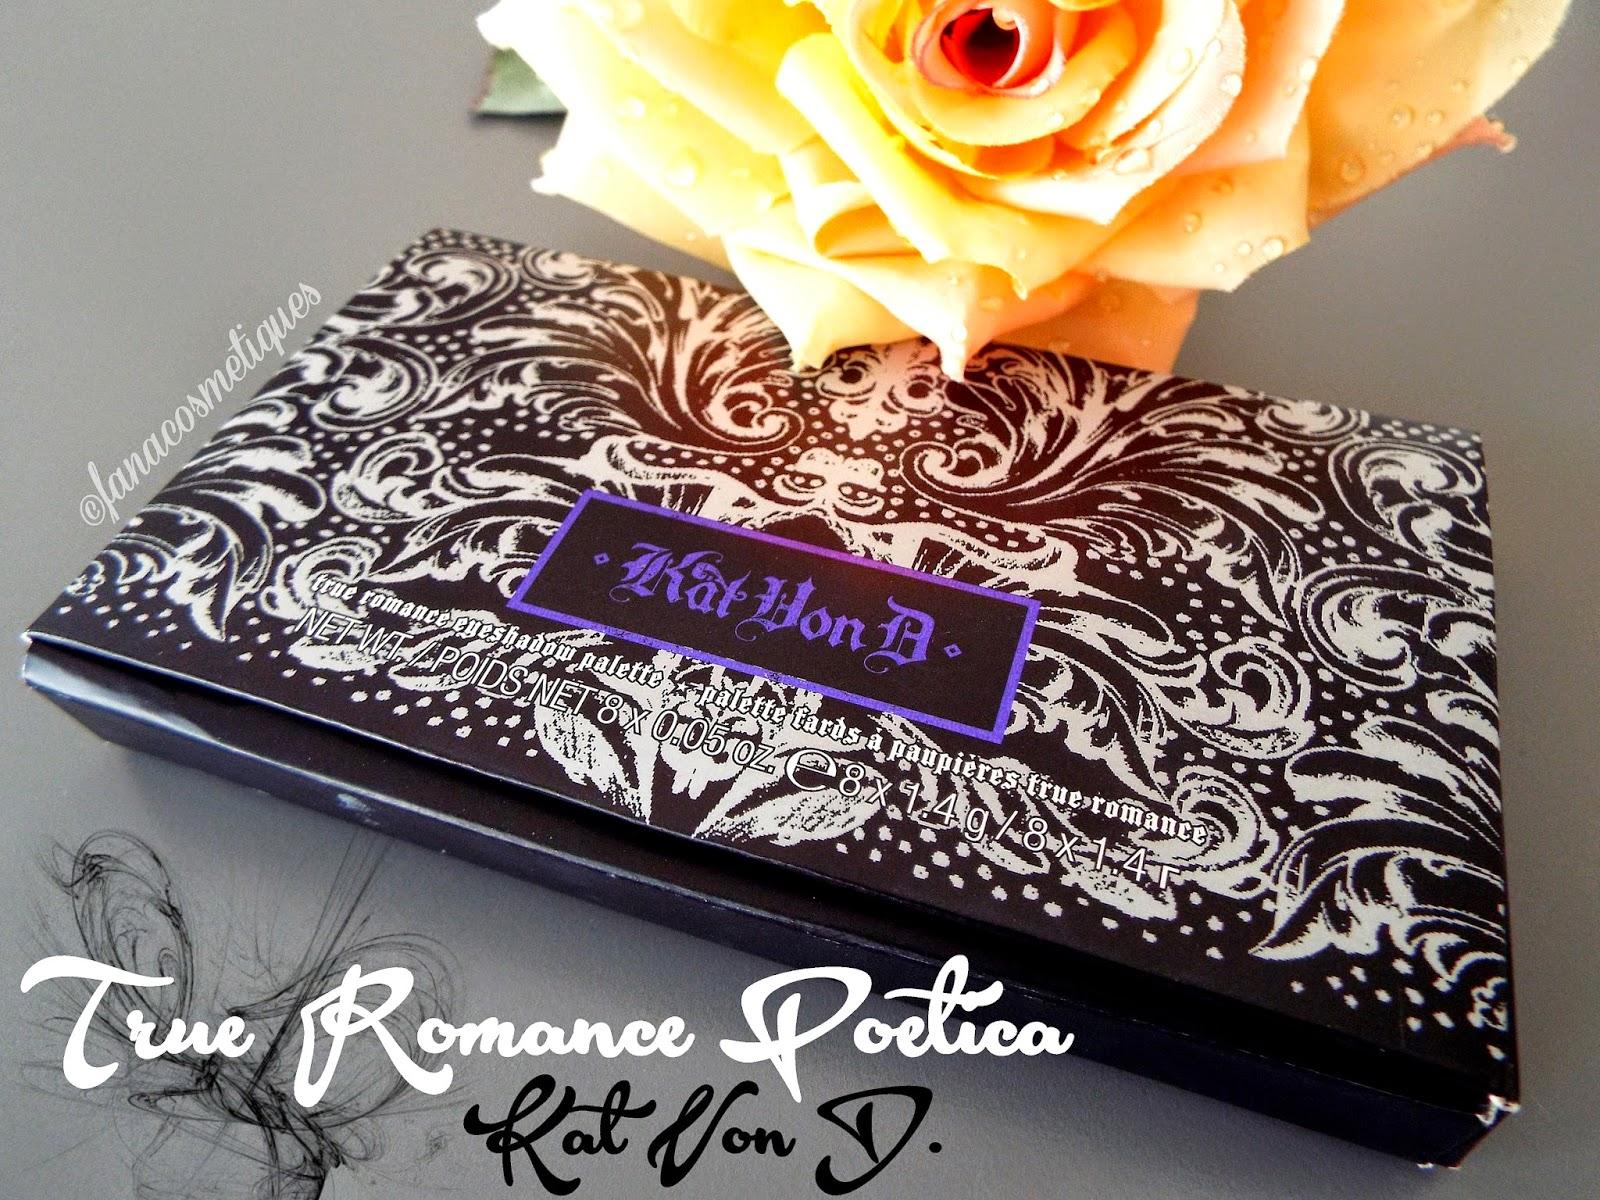 Tatoue-moi les yeux avec la True Romance Poetica de Kat von D.